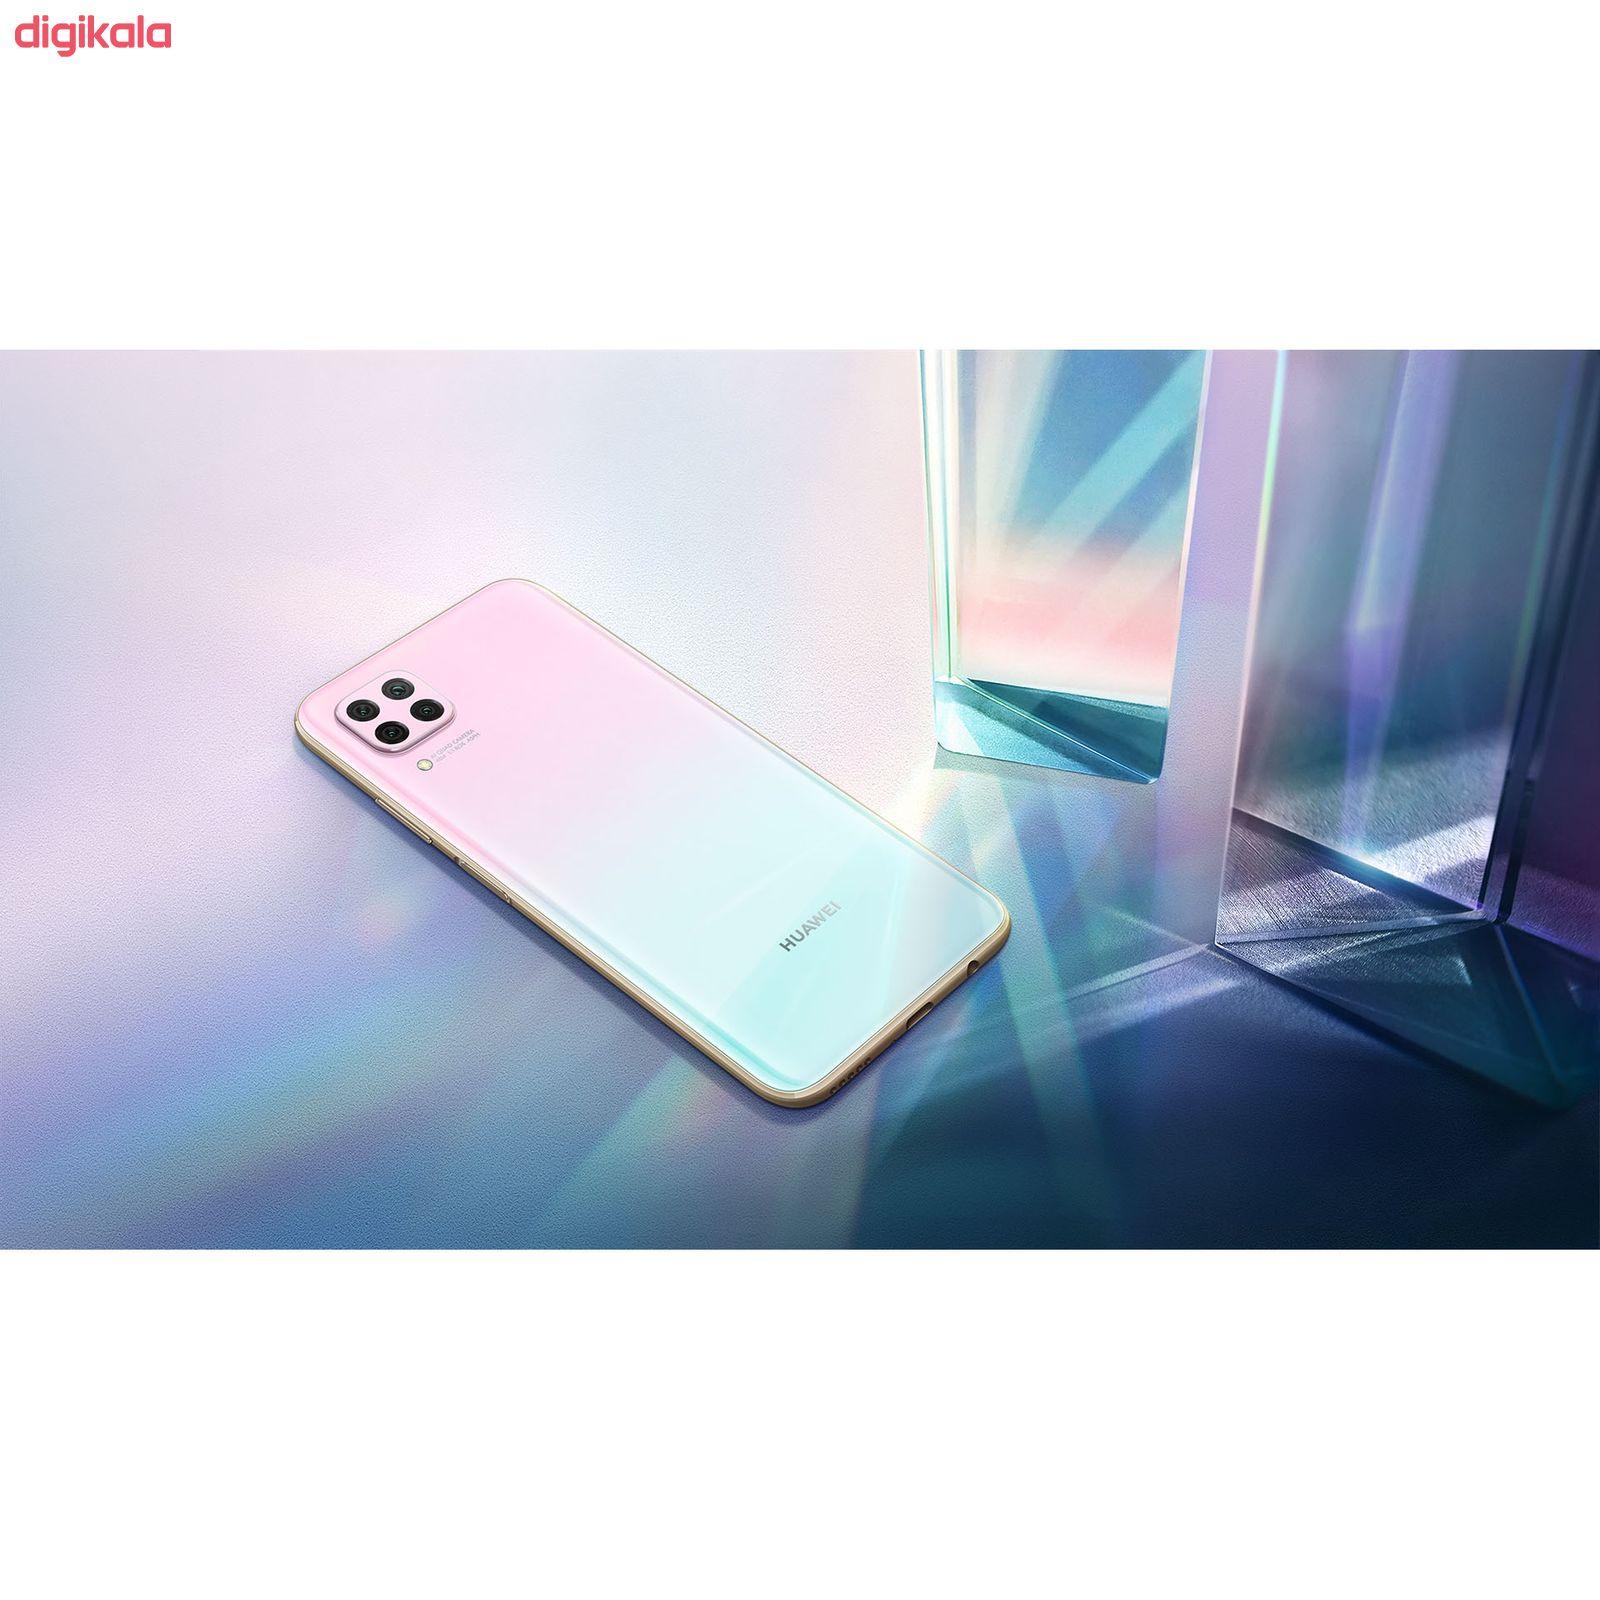 گوشی موبایل هوآوی مدل Nova 7i JNY-LX1 دو سیم کارت ظرفیت 128 گیگابایت به همراه شارژر همراه هدیه main 1 28